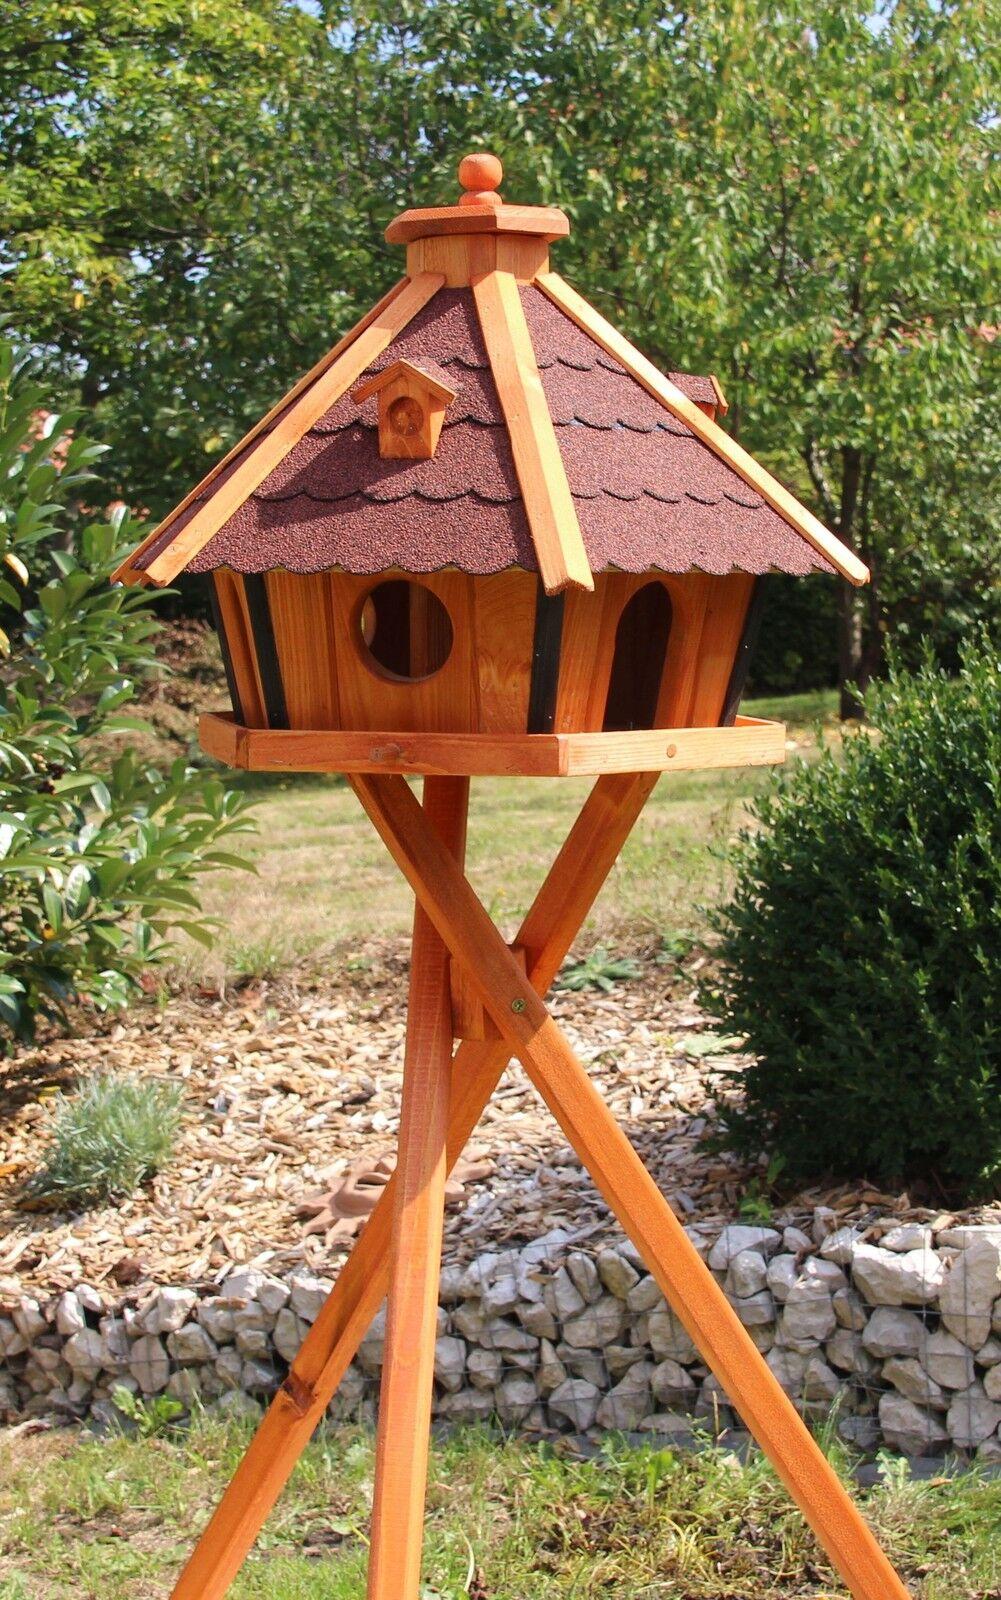 Maxi Vogelhaus Vogelhäuser 70 x 48 cm Typ 25 auch mit Ständer | Outlet Store  | Starke Hitze- und Hitzebeständigkeit  | Produktqualität